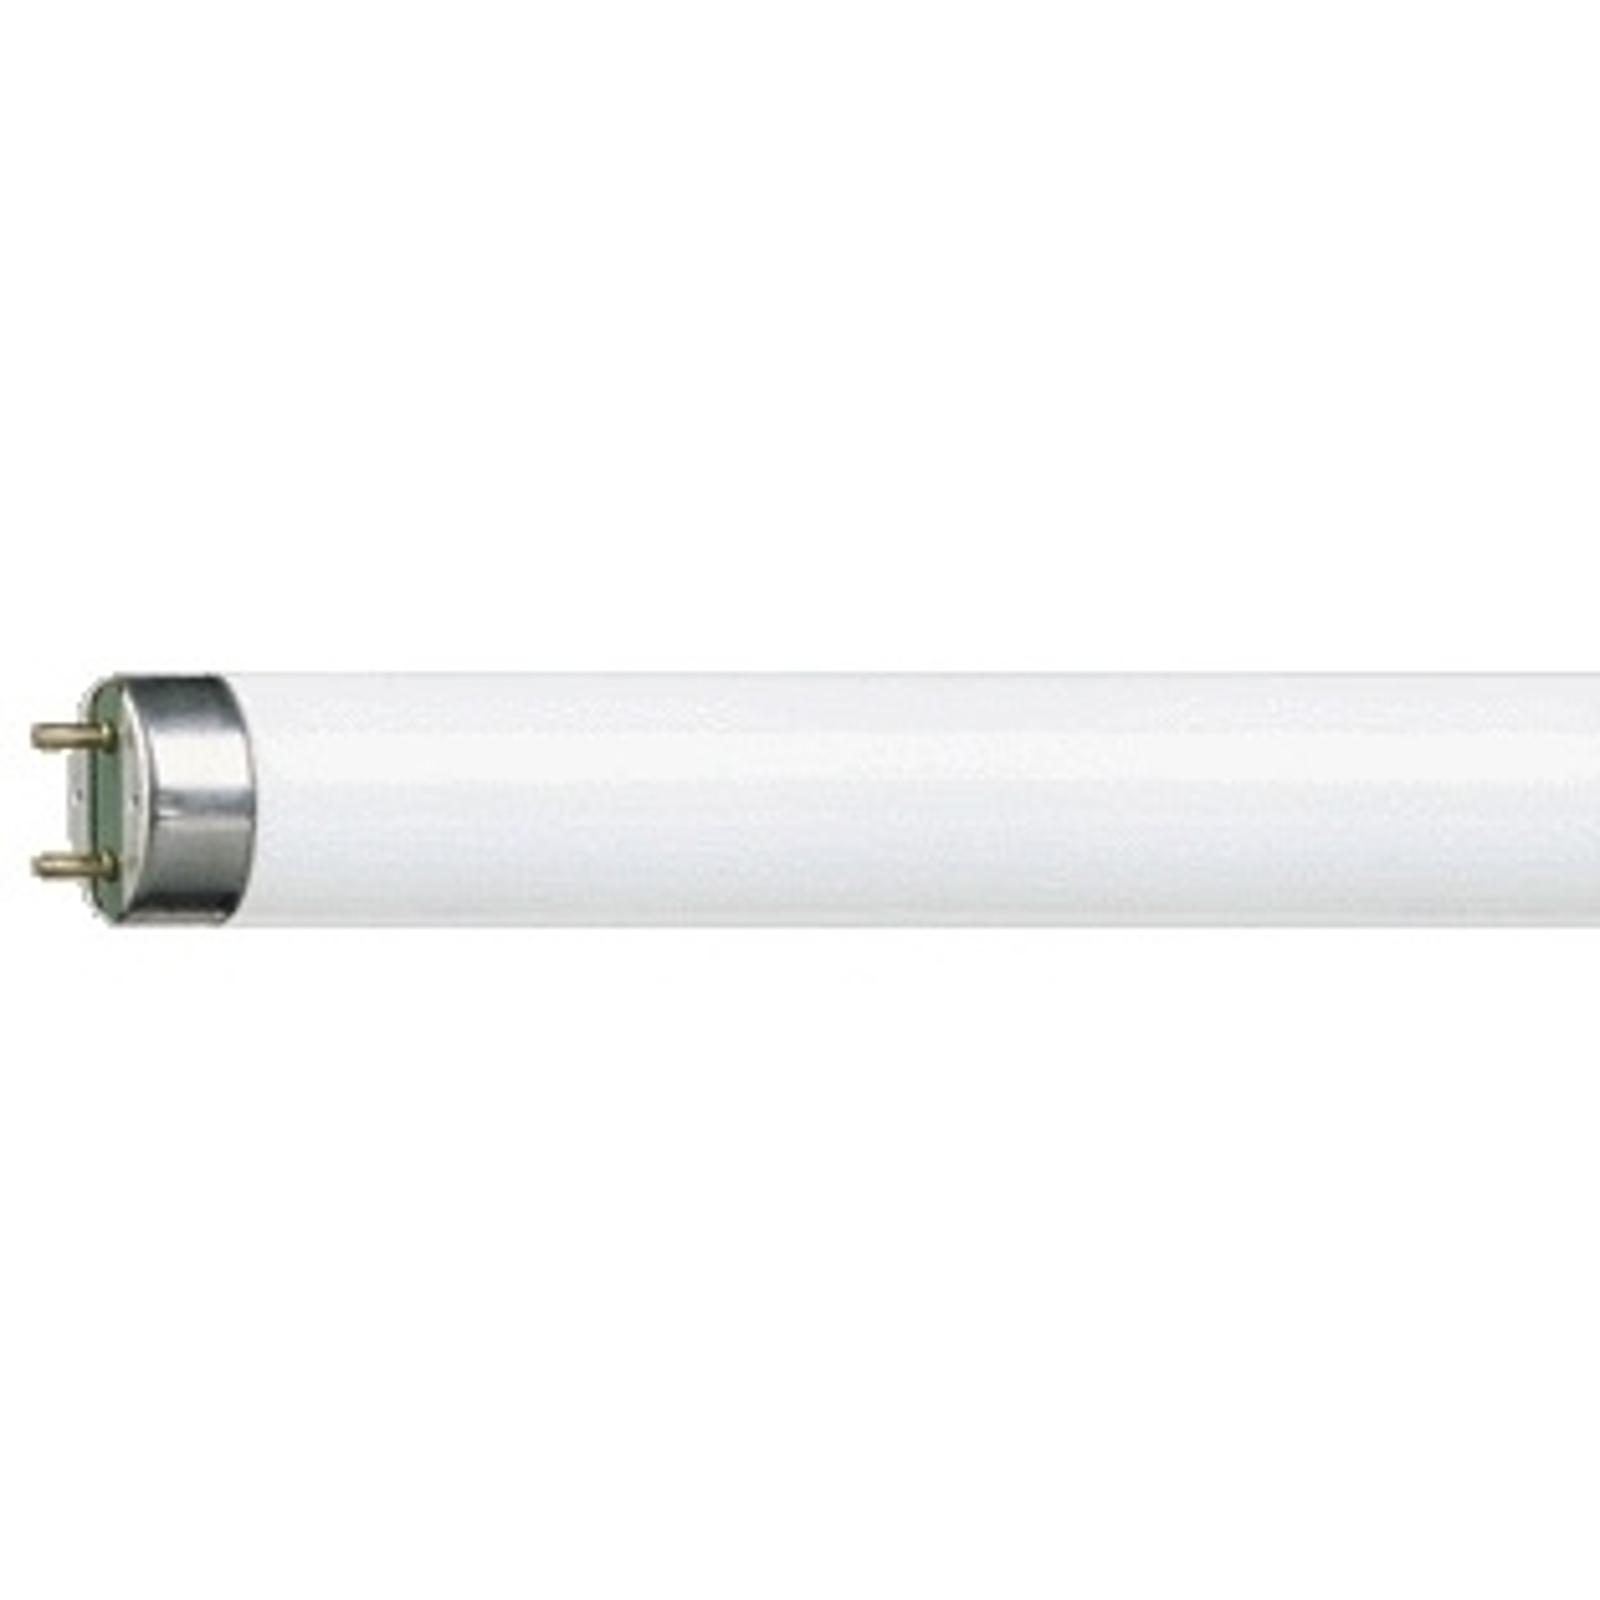 Leuchtstoffröhre G13 T8 18W MASTER TL-D Super 830